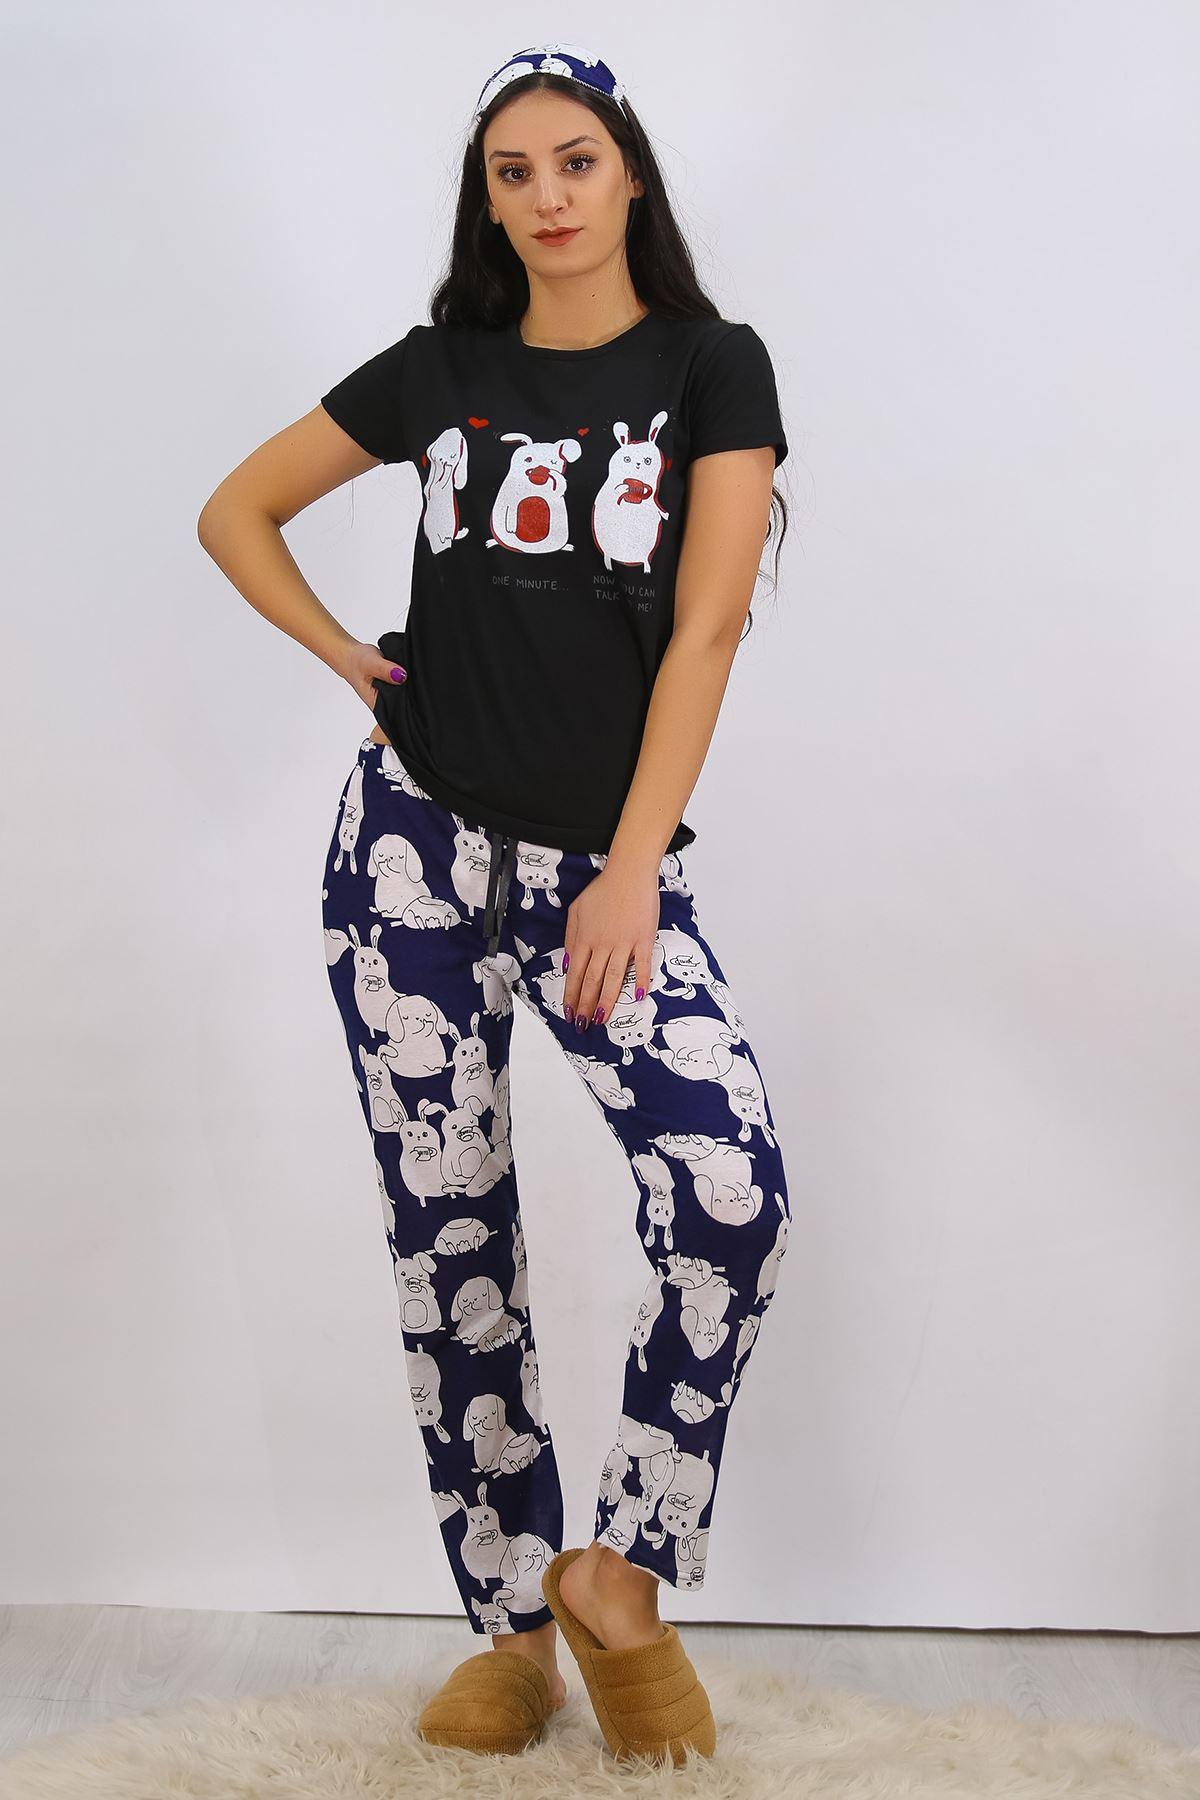 Baskılı Pijama Takımı Siyah - 4702.102.